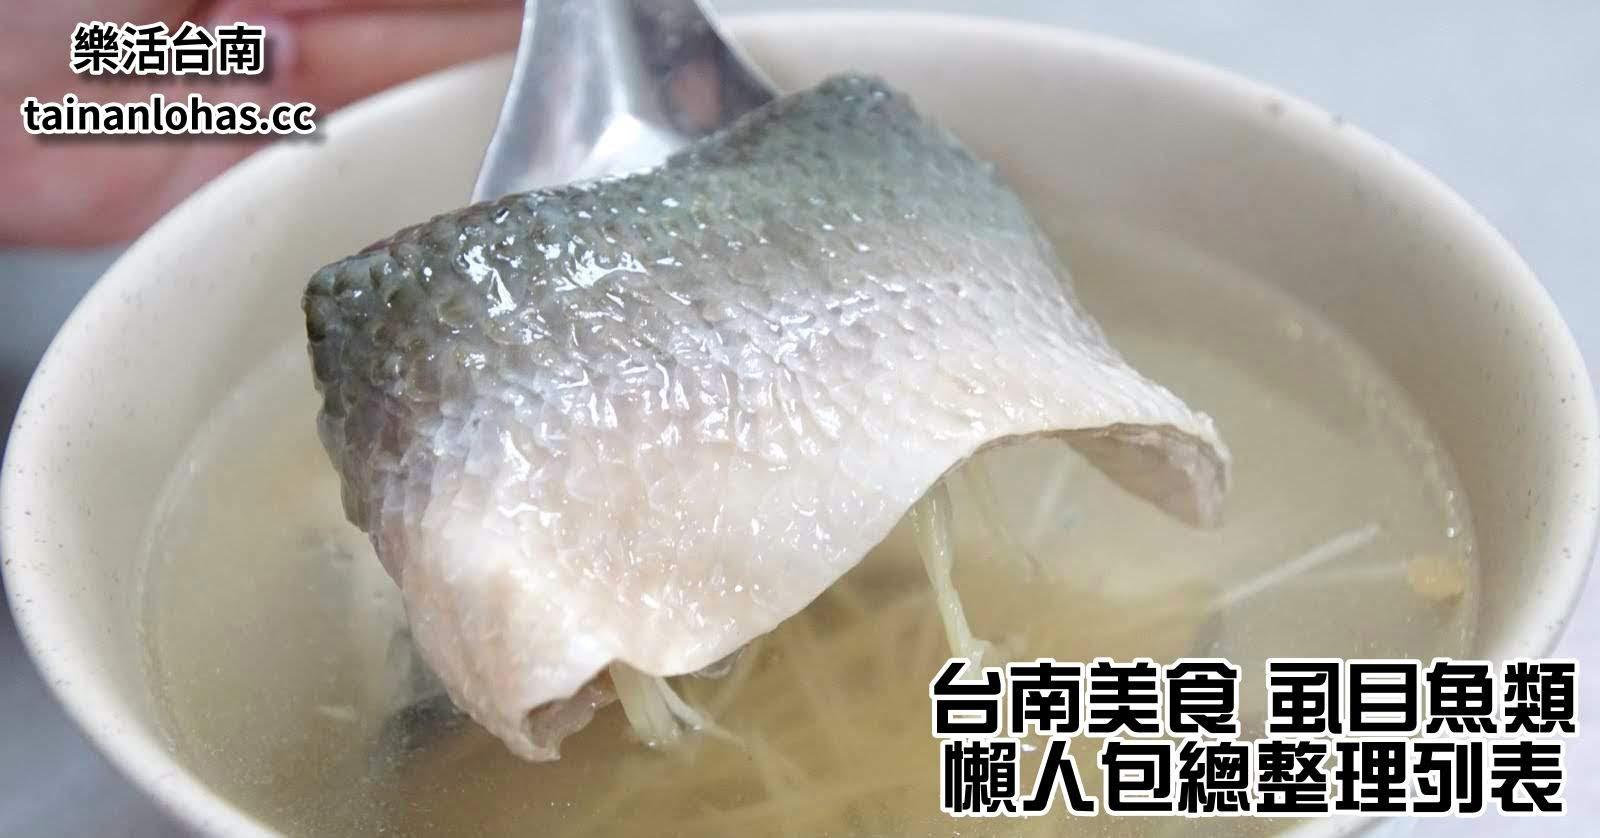 台南美食|虱目魚類|懶人包總整理列表|特輯